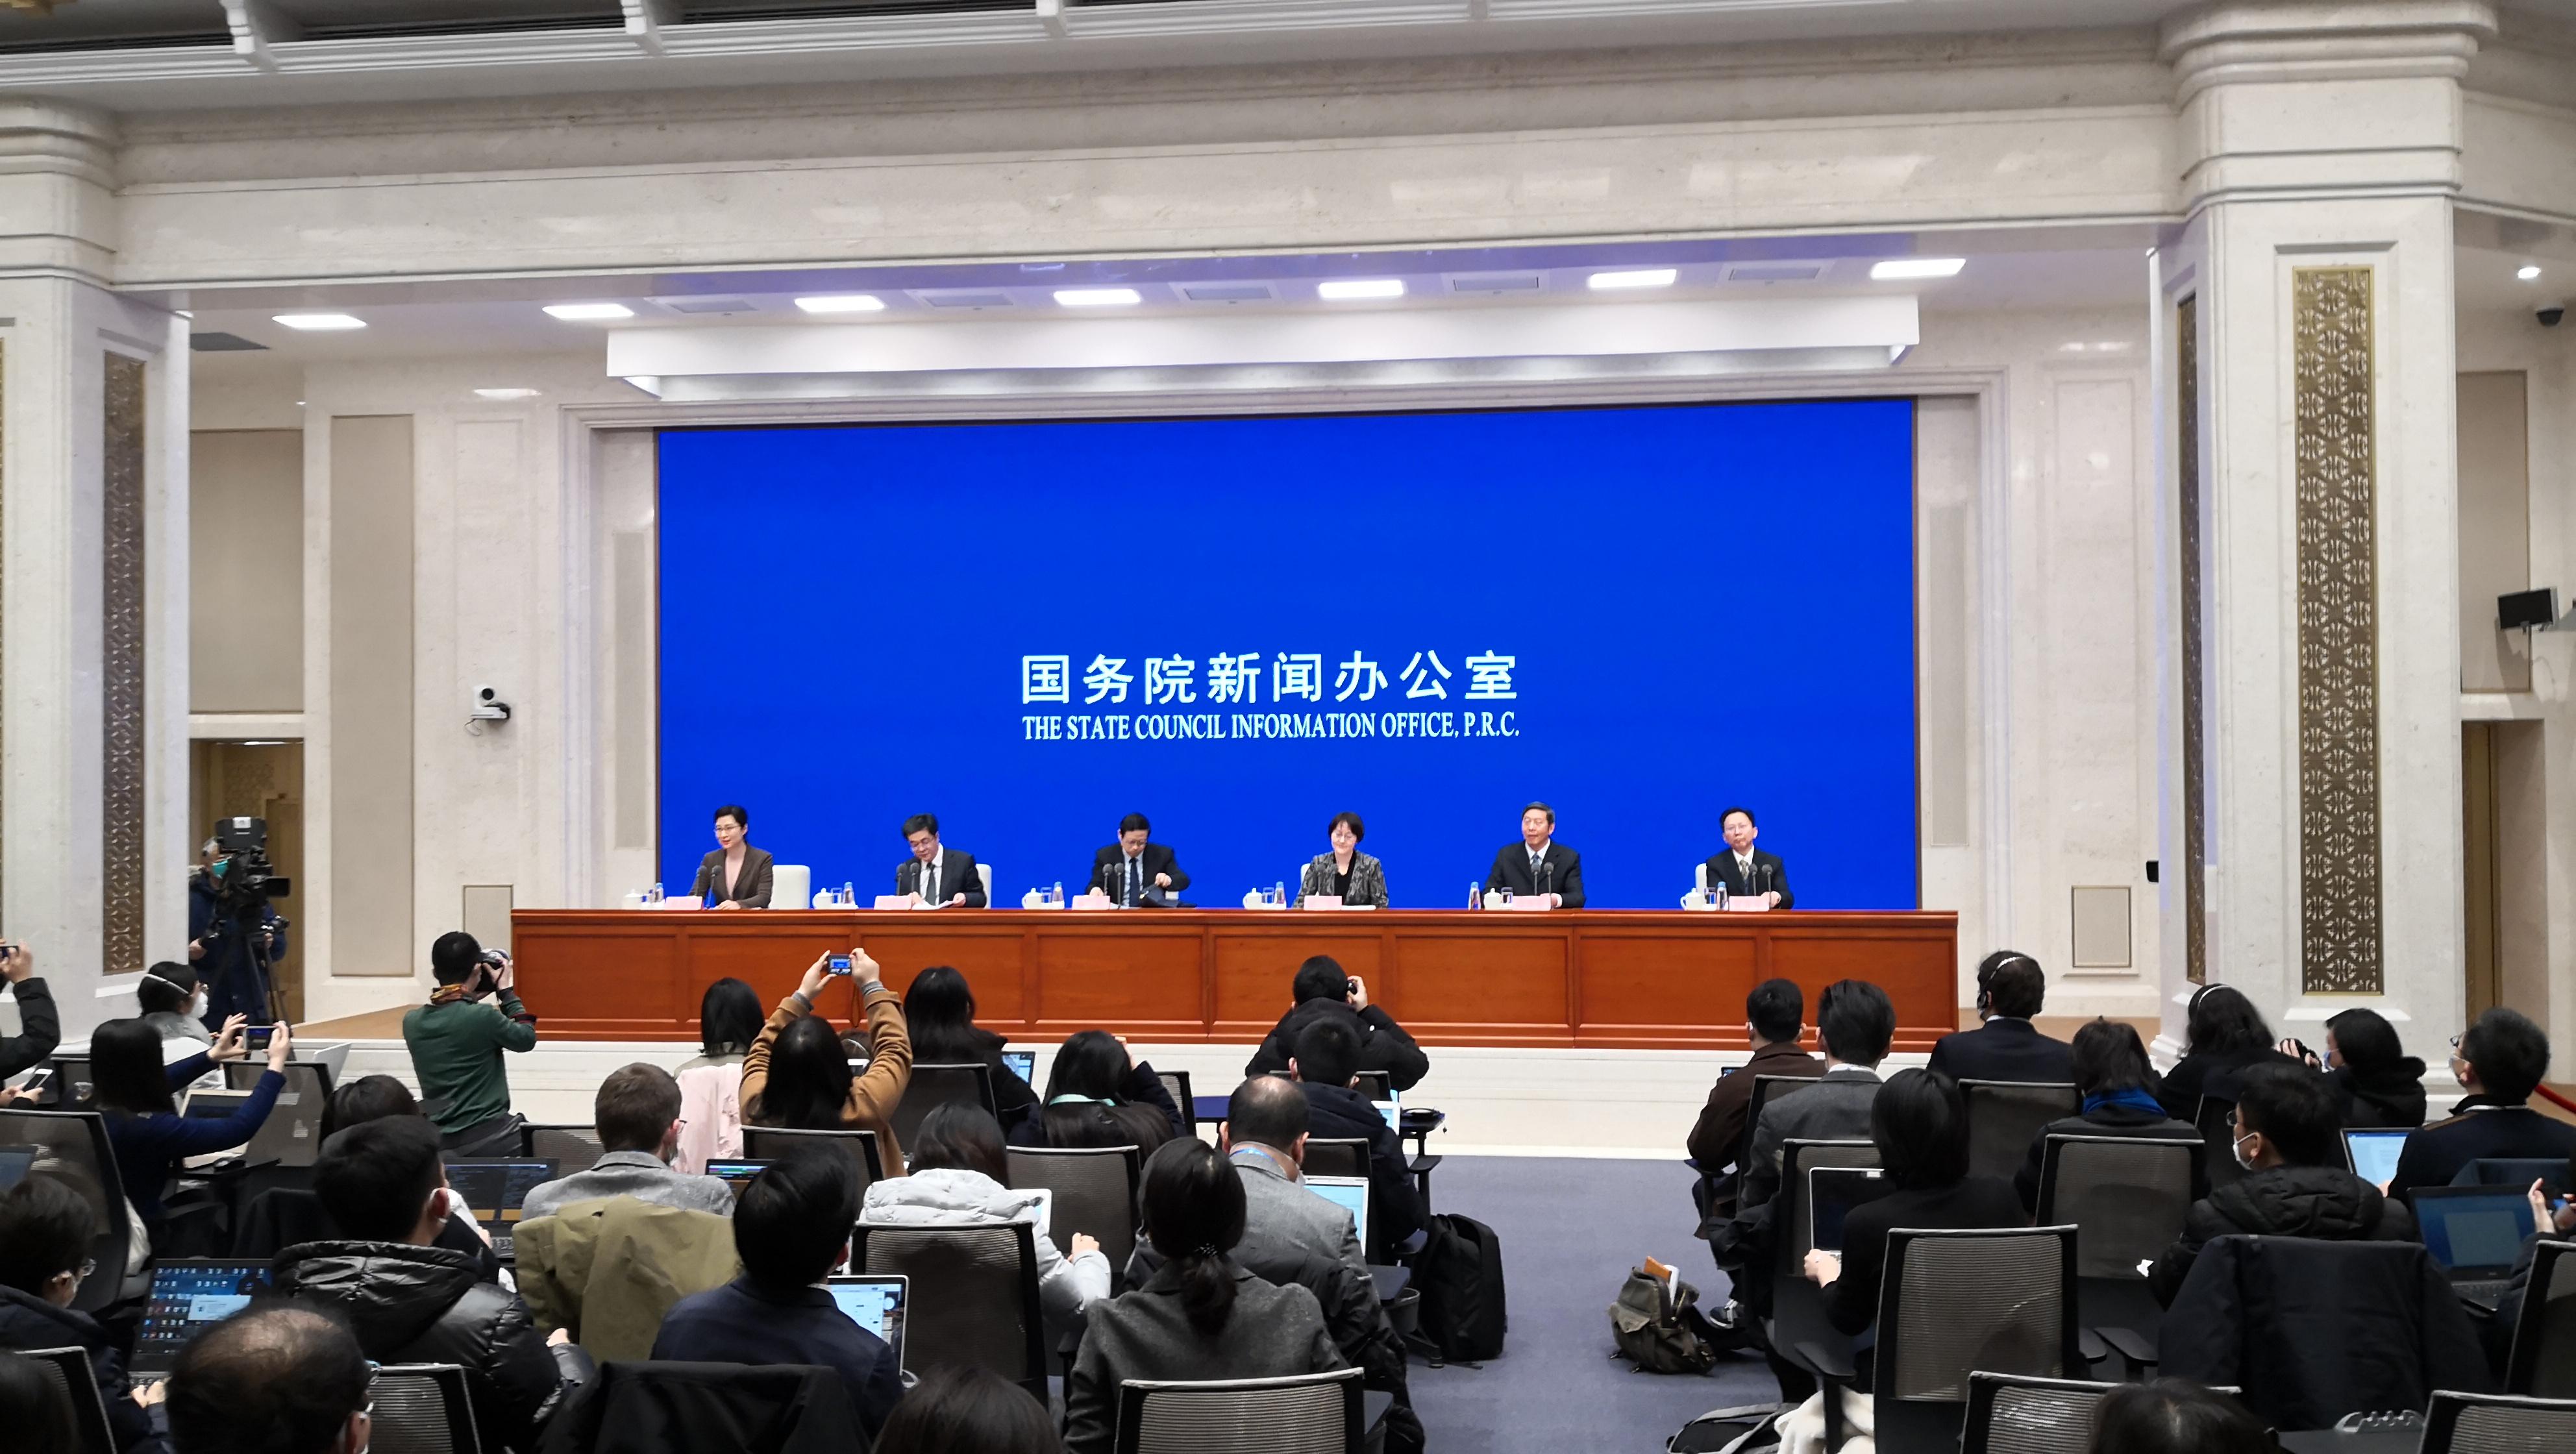 國家發展改革委:全國各地正逐步復工復產 重點領域企業均已陸續開工